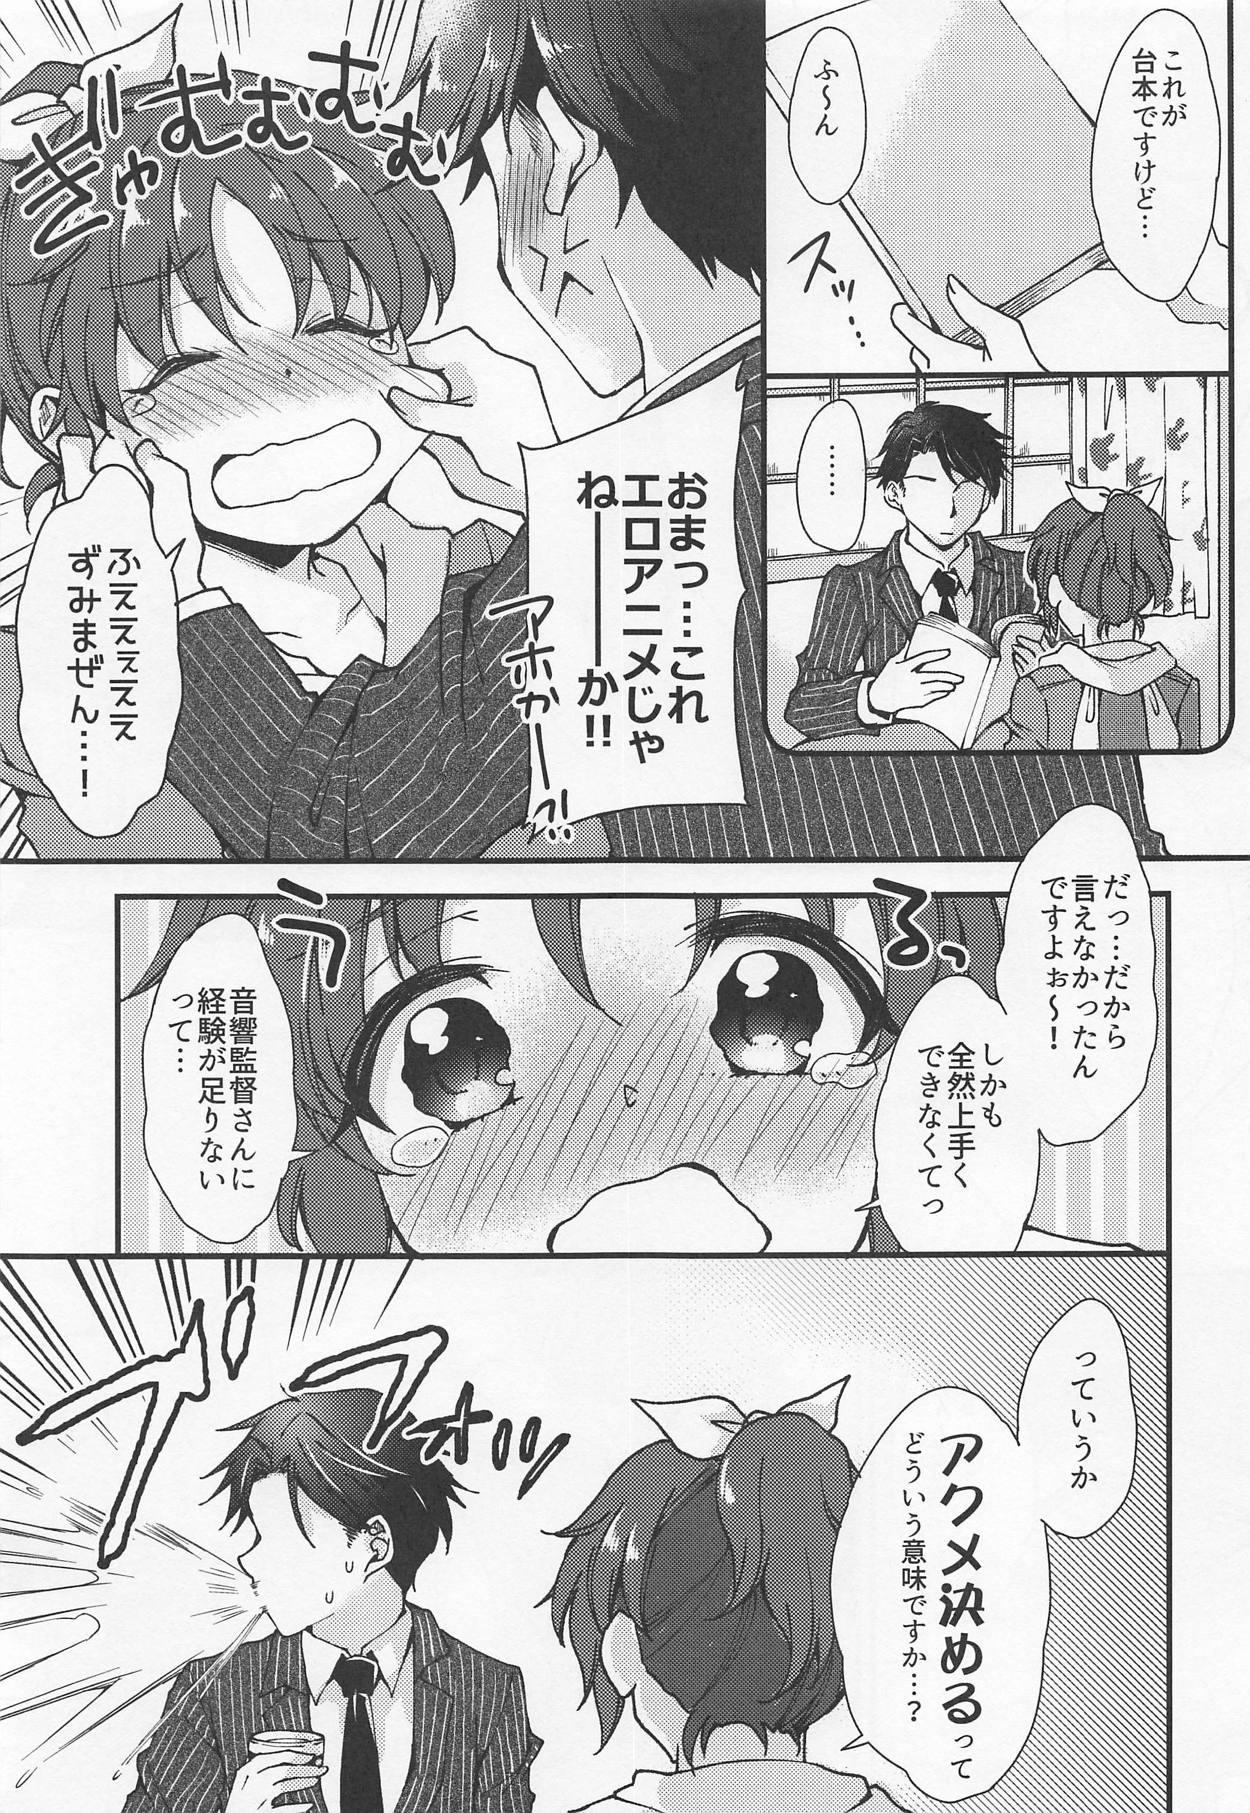 Nana, Ganbarimasu! - I will do my best! 5